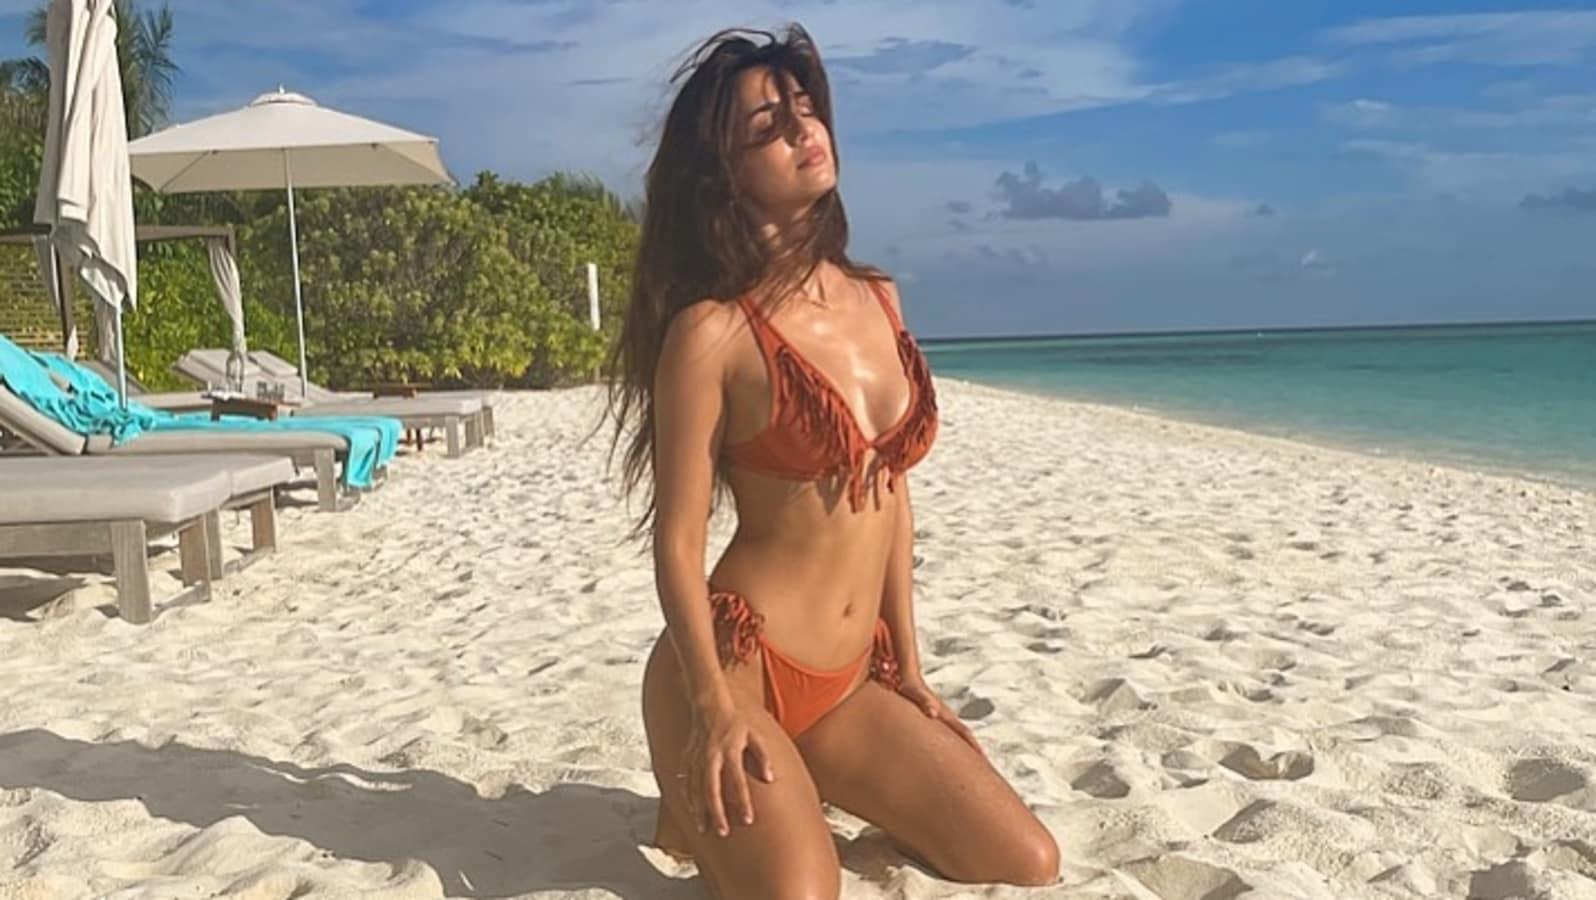 body Oiled bikini